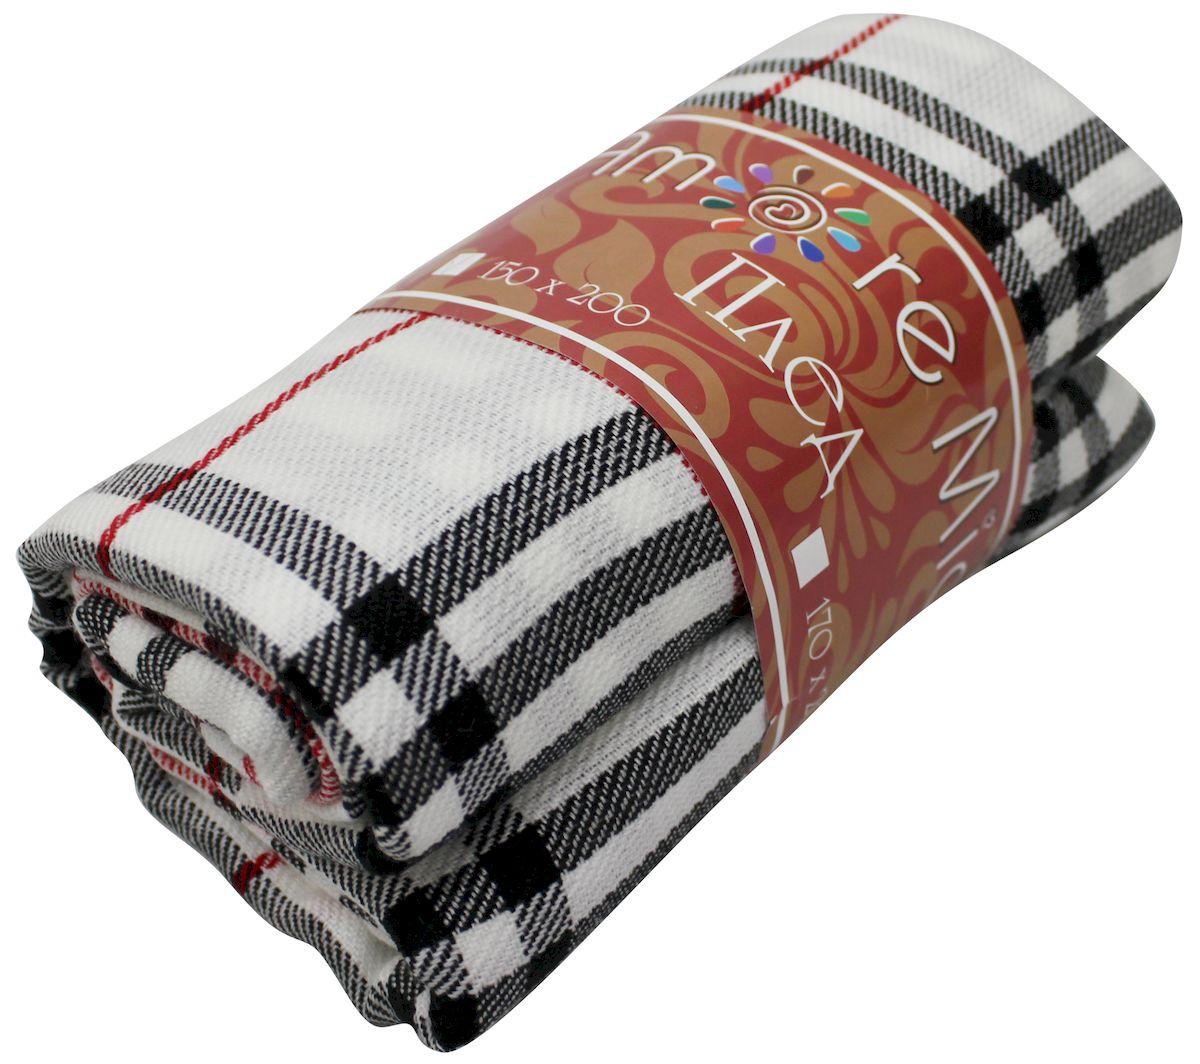 Плед Amore Mio Delicacy, 170 х 200 см1004900000360Мягкий, теплый и уютный плед с кистями Amore Mio Delicacy изготовлен из 100% акрила. Не зря в народе за акрилом закрепилось имя искусственной шерсти. Акриловое волокно великолепно удерживает тепло, оно практично и долговечно. Еще одно преимущество - в цене, так как по факту акрил значительно дешевле натуральной шерсти.